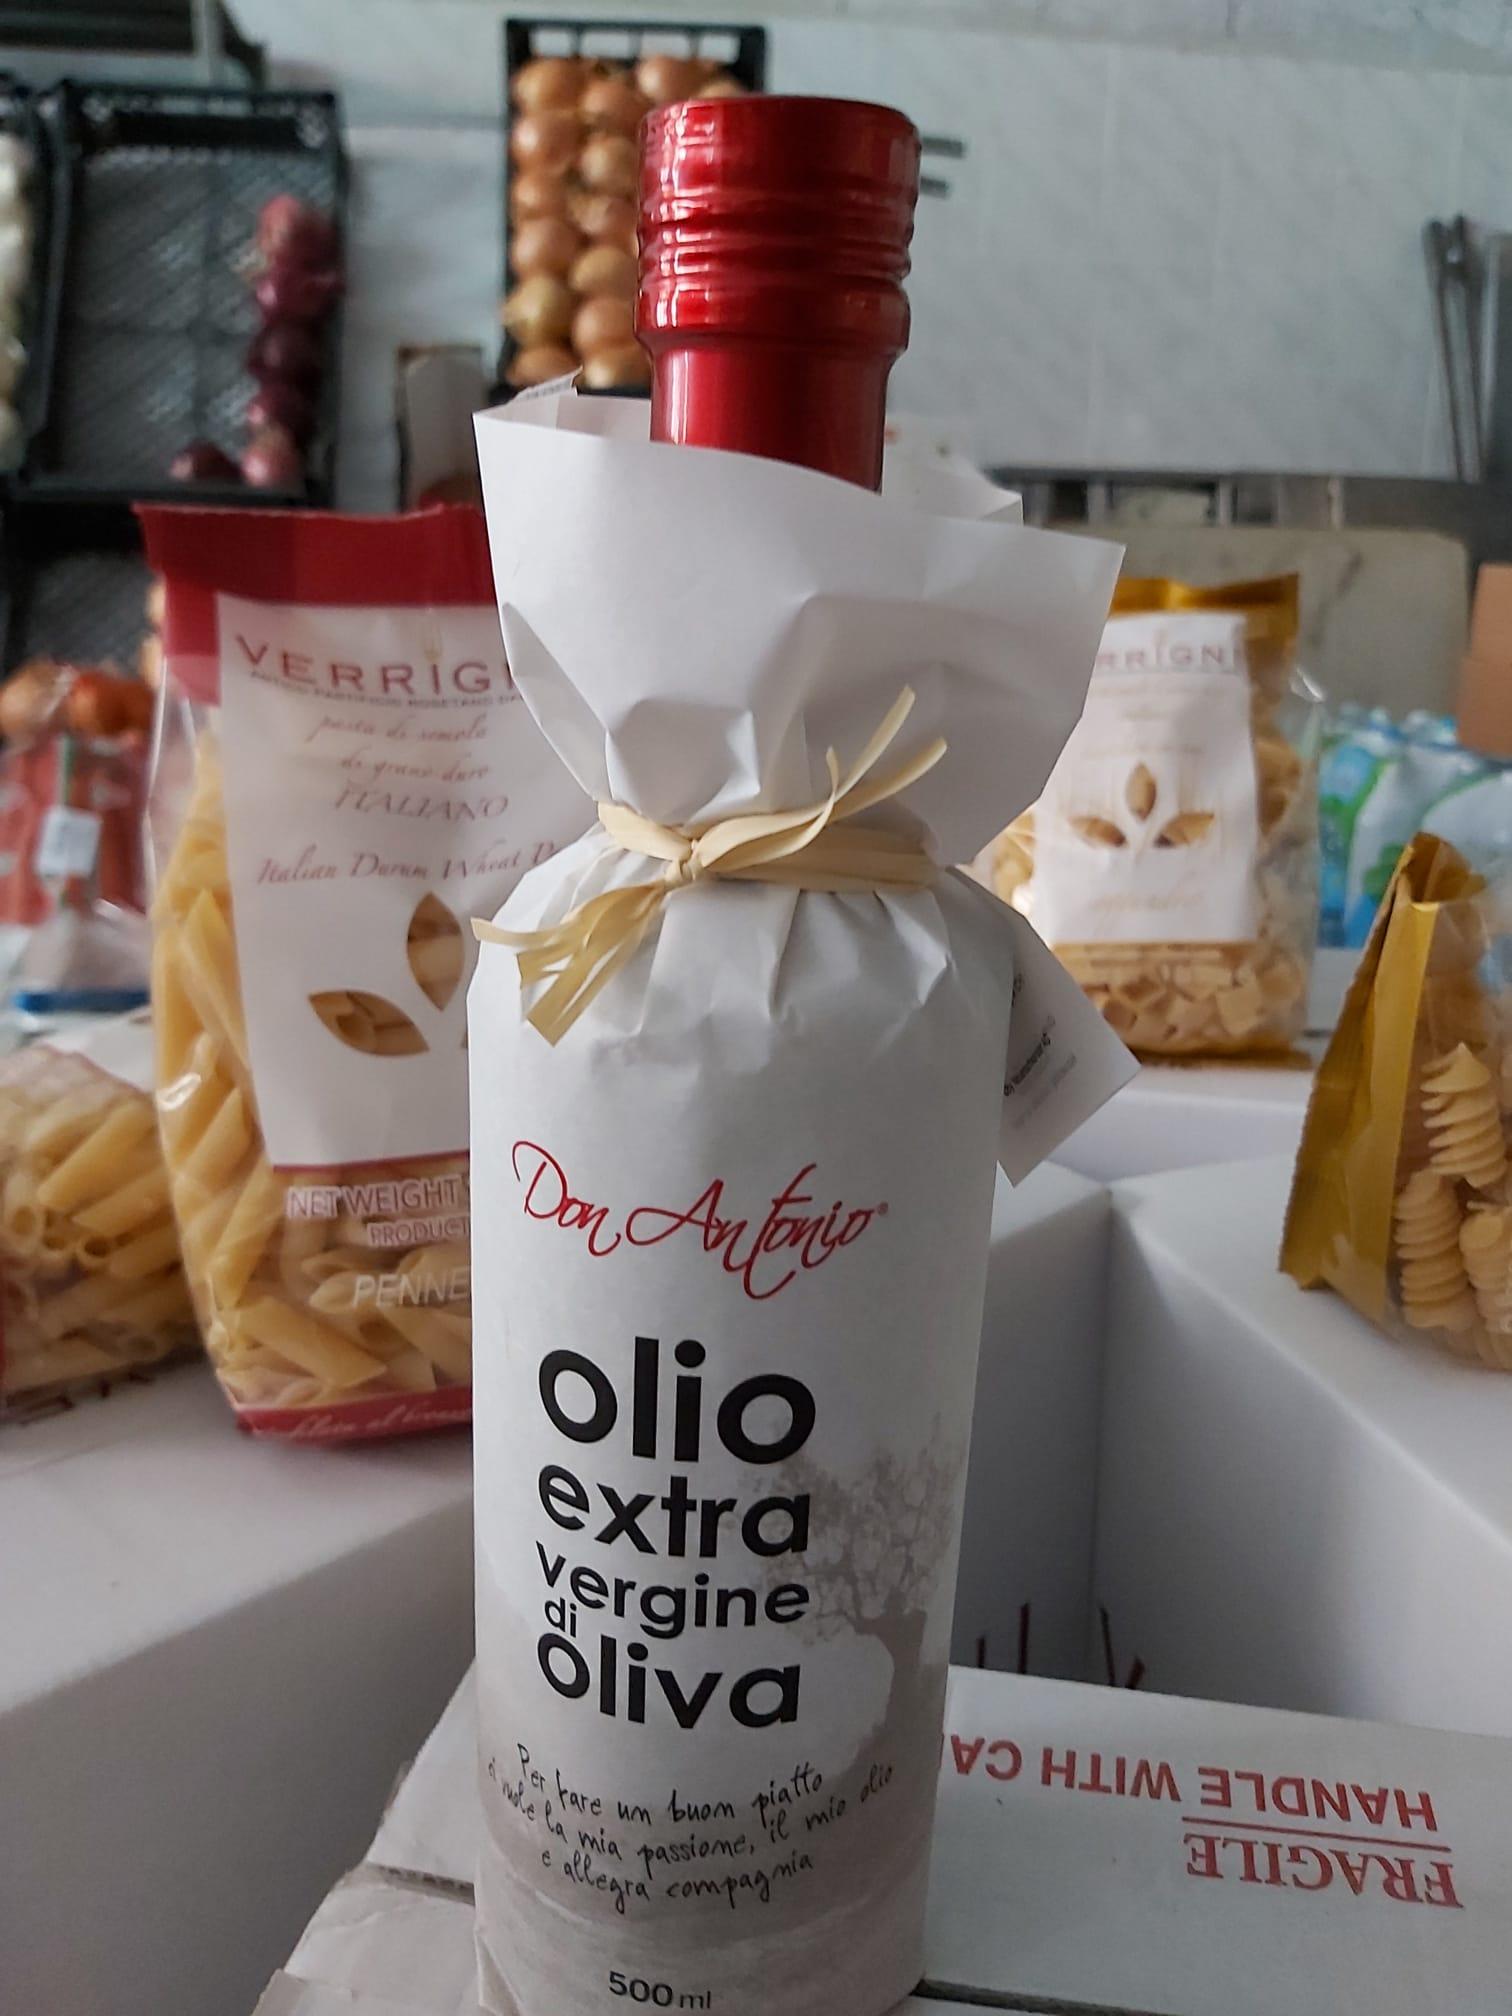 Olio extra vergine di oliva di categoria superiore